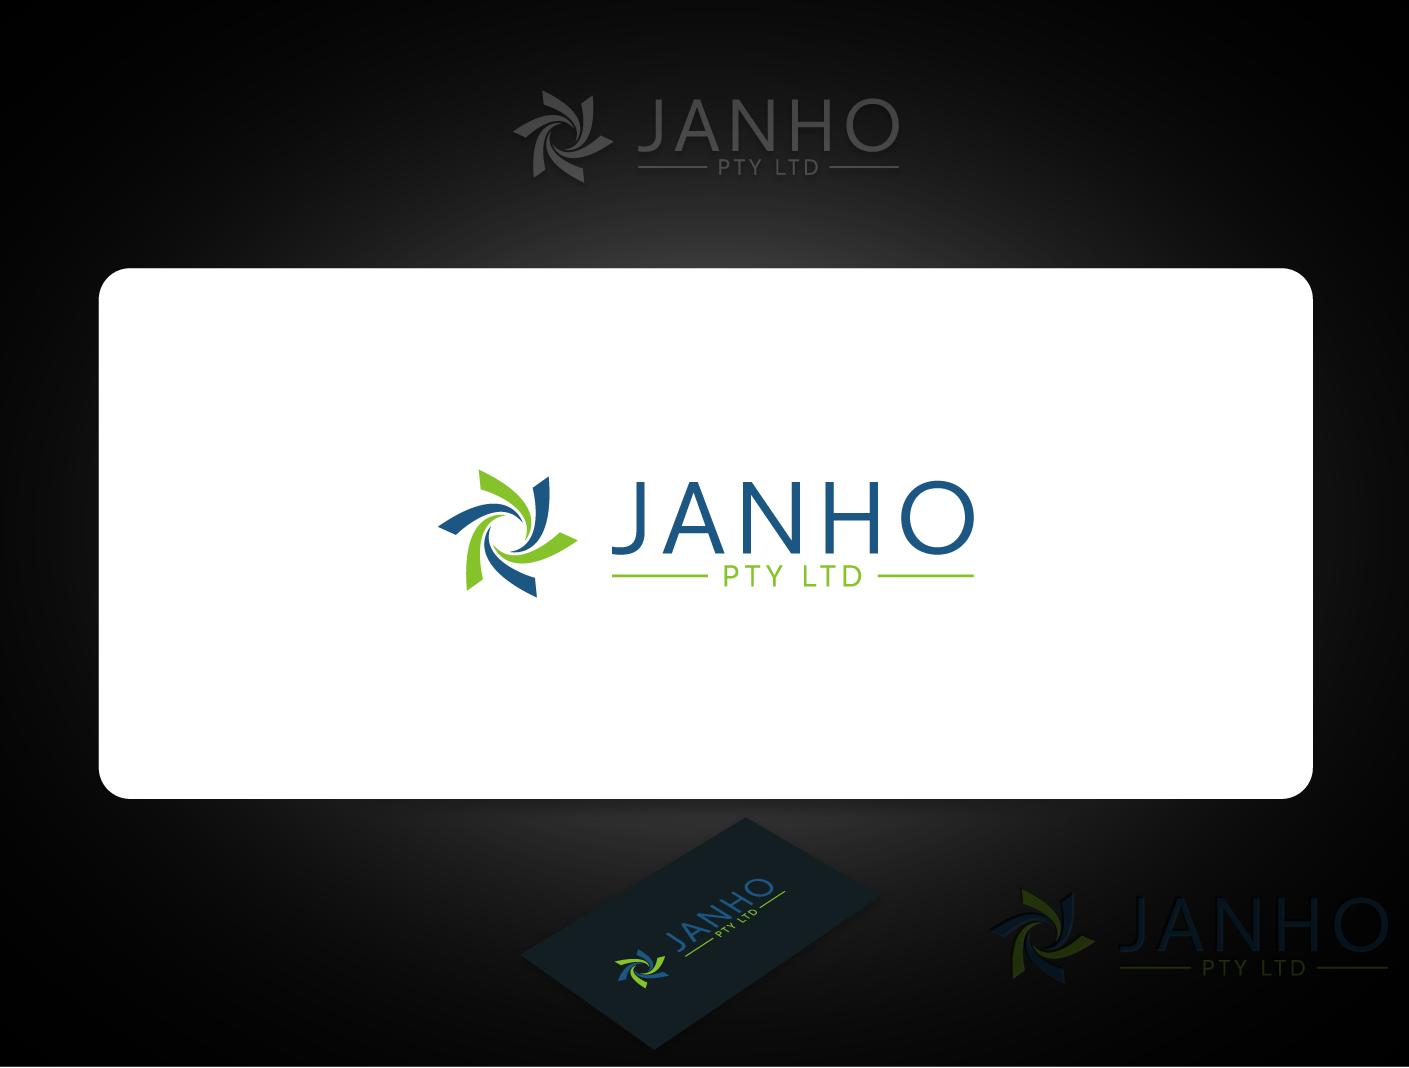 Help Janho Pty Ltd with a new logo